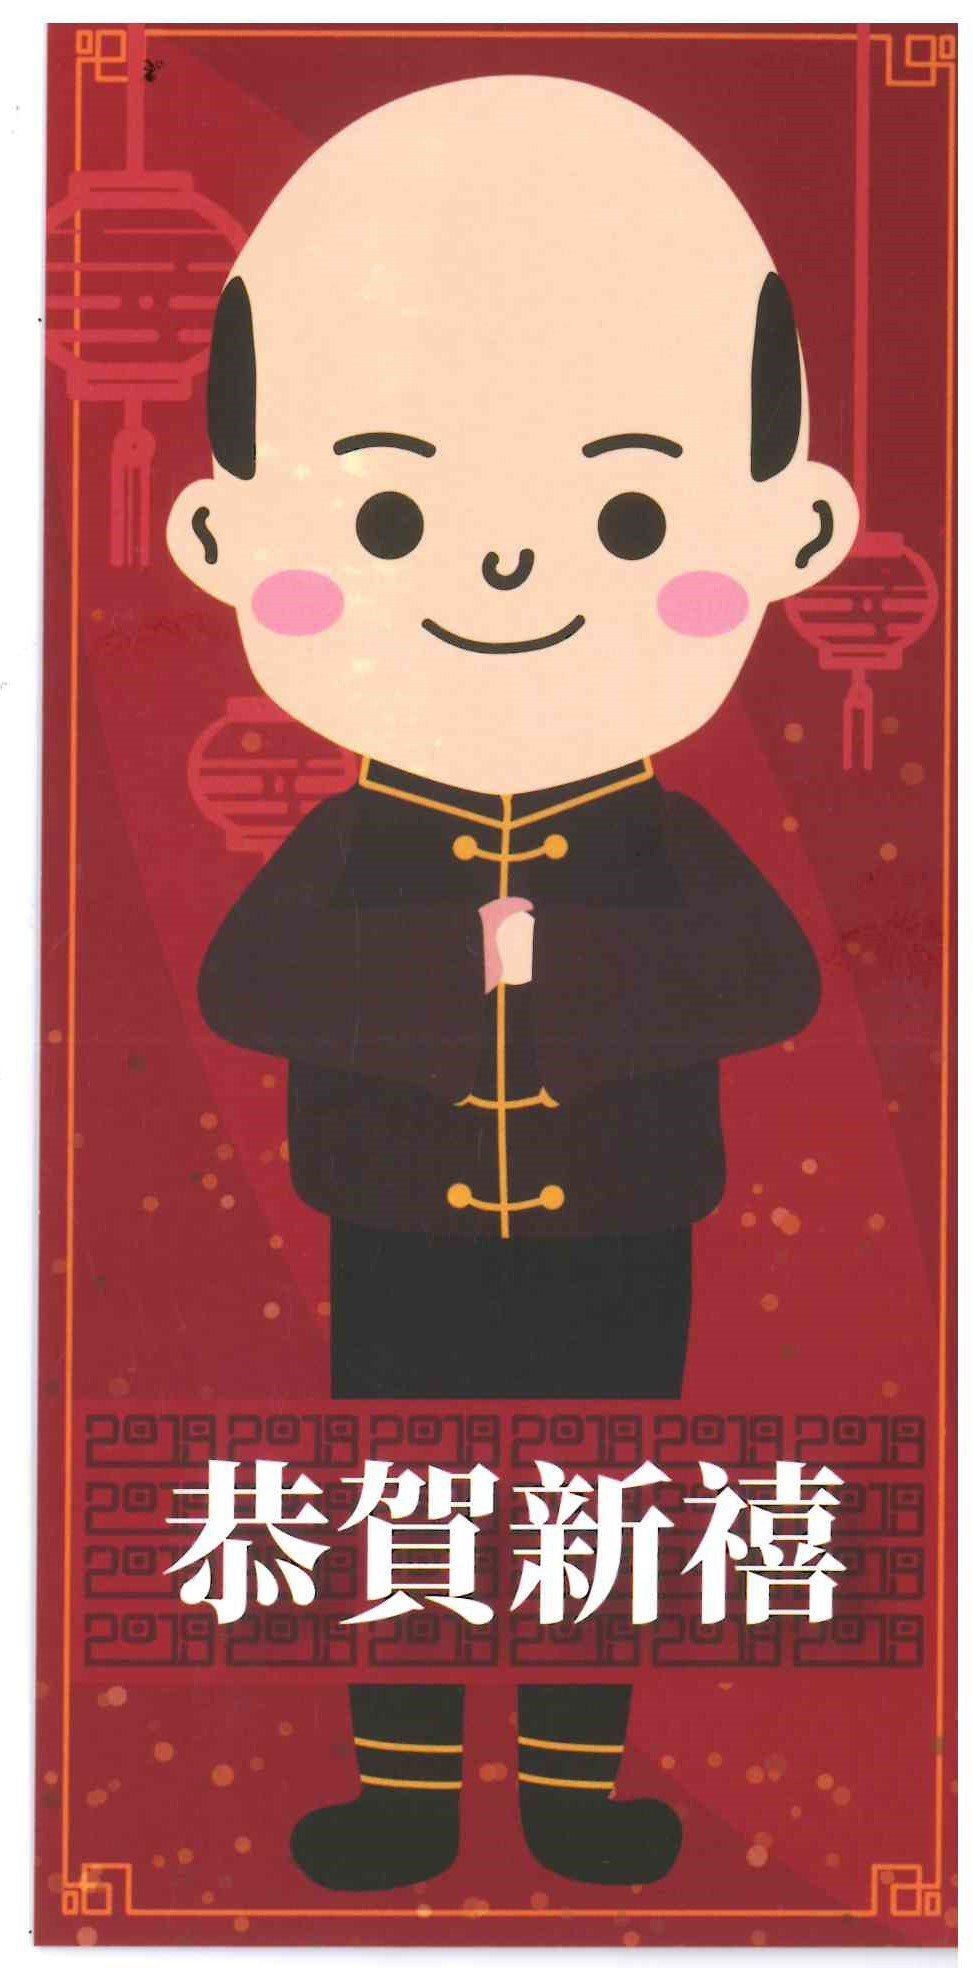 每天入館前30名,可獲得市長韓國瑜Q版拜年的「豬年紀念紅包」1份。圖/客文館提供